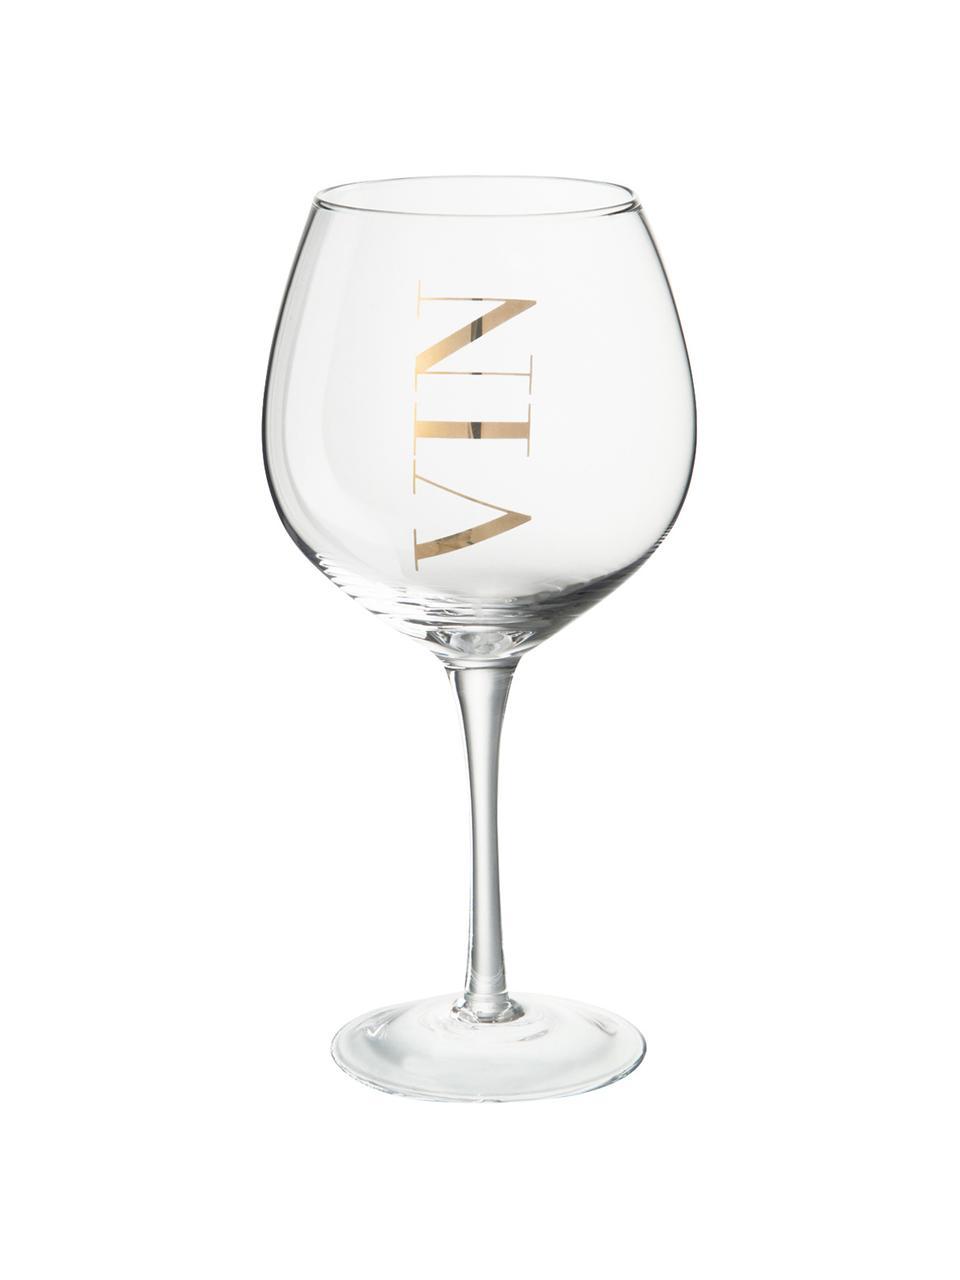 Wijnglazen Vin met opschrift, 6 stuks, Glas, Transparant, goudkleurig, Ø 10 x H 20 cm